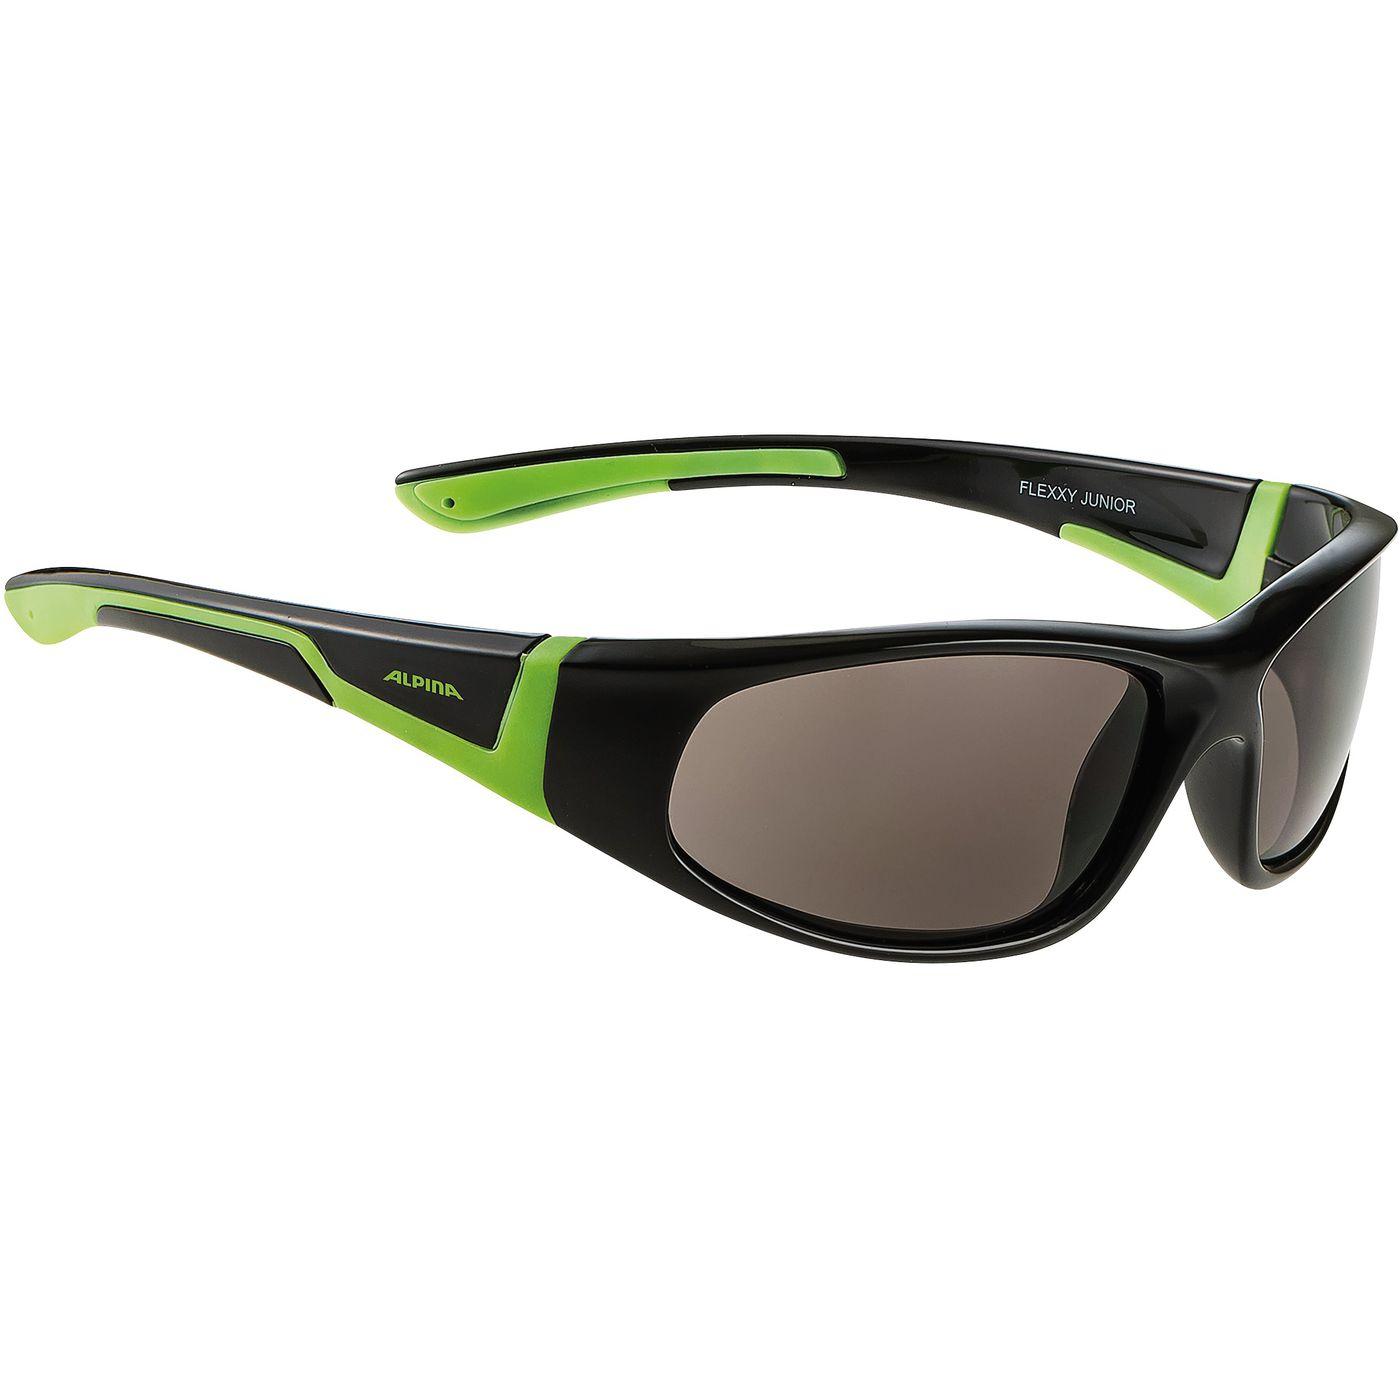 ALPINA солнцезащитные очки Flexxy Junior, 6-9 лет